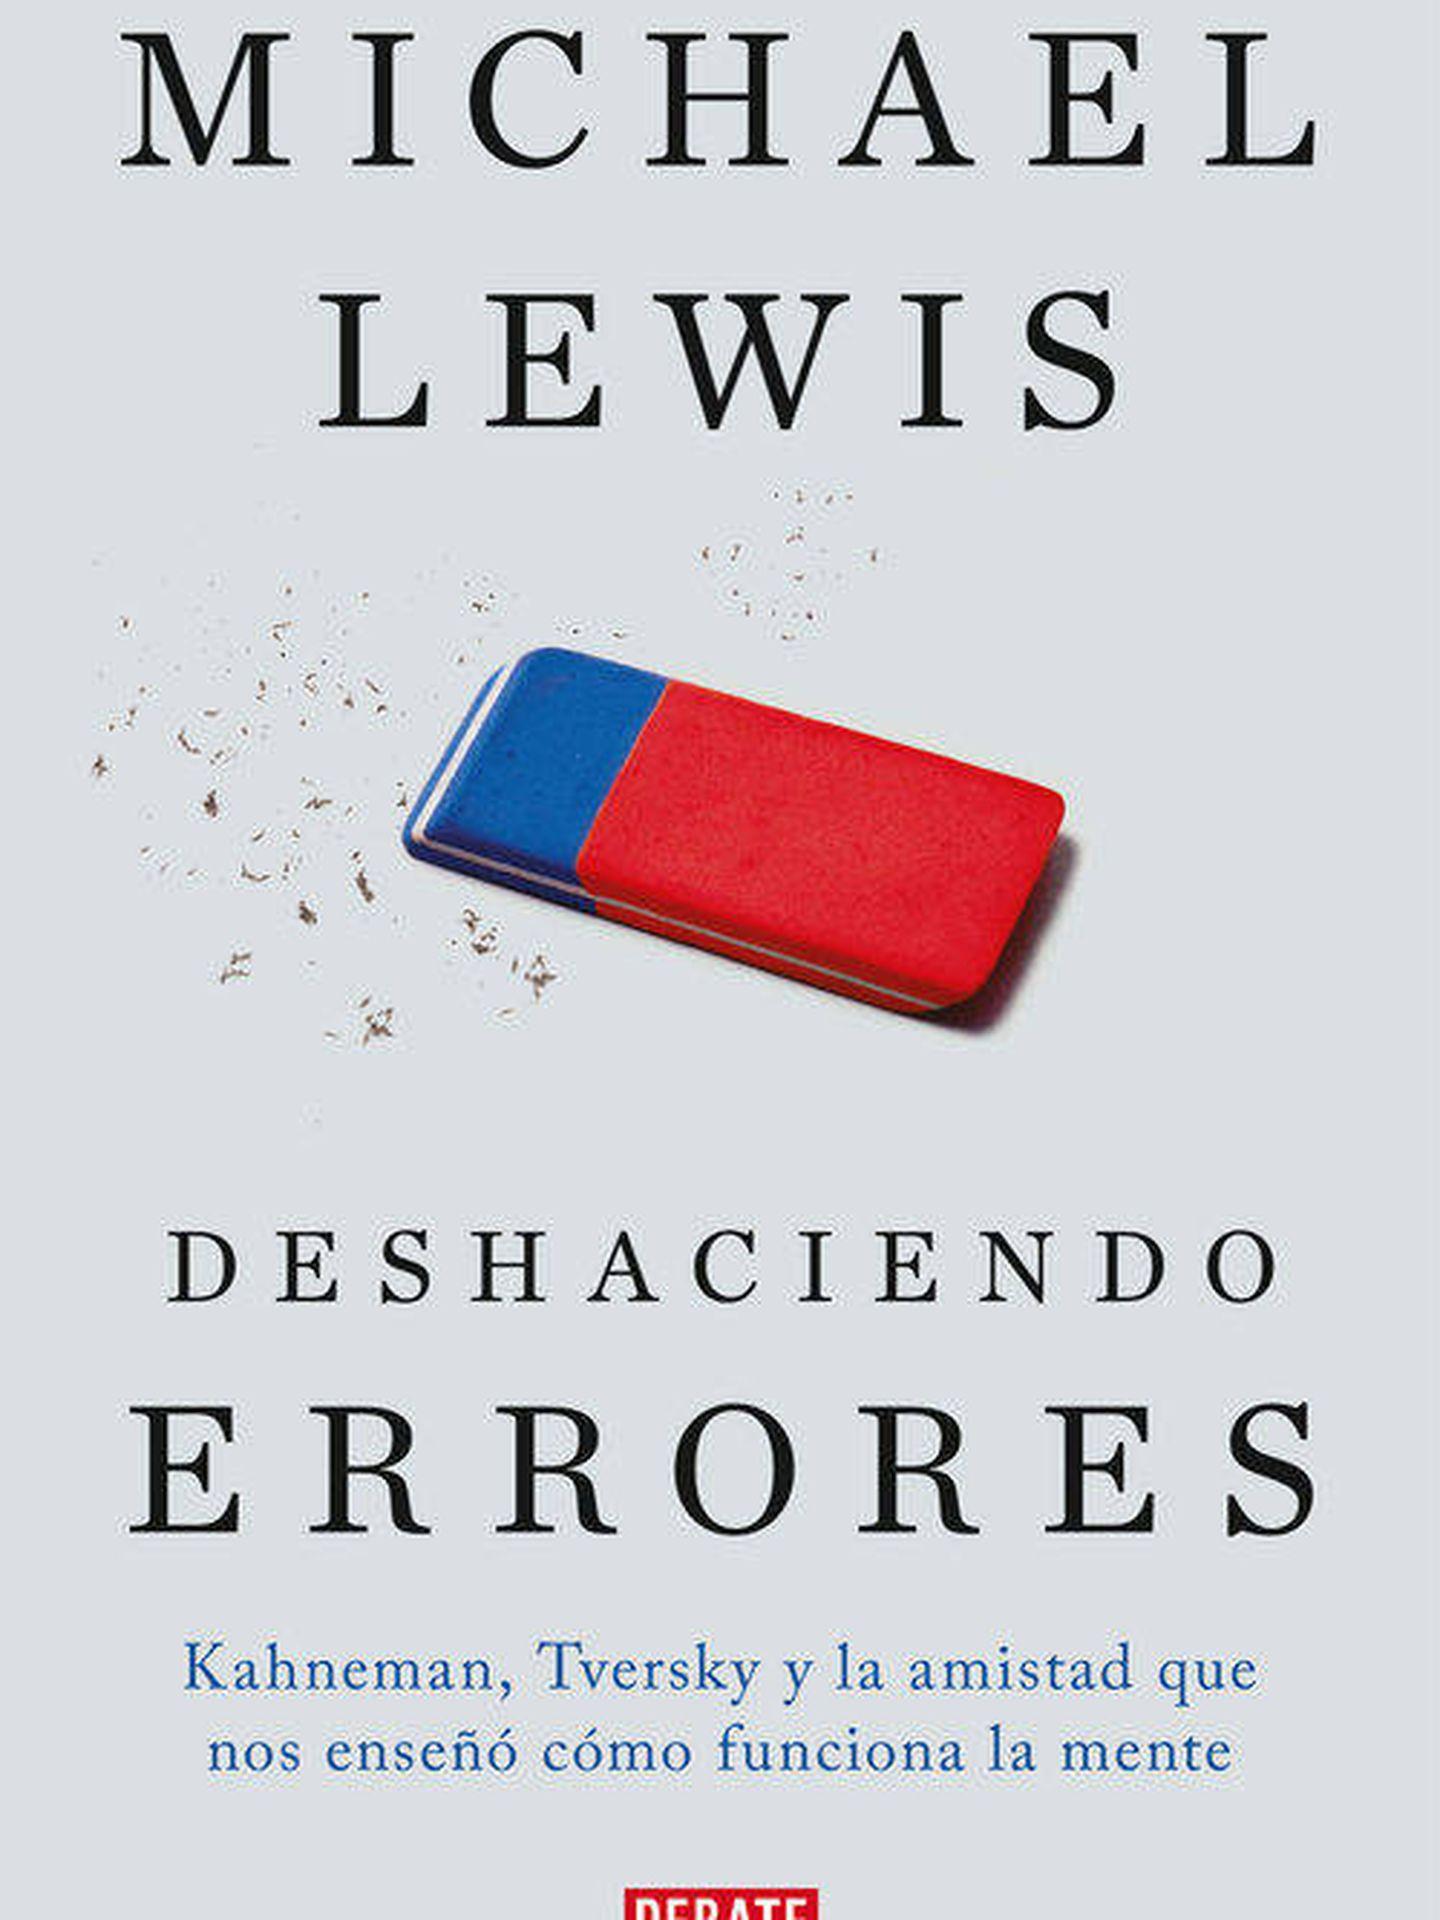 'Deshaciendo errores'. (Debate)